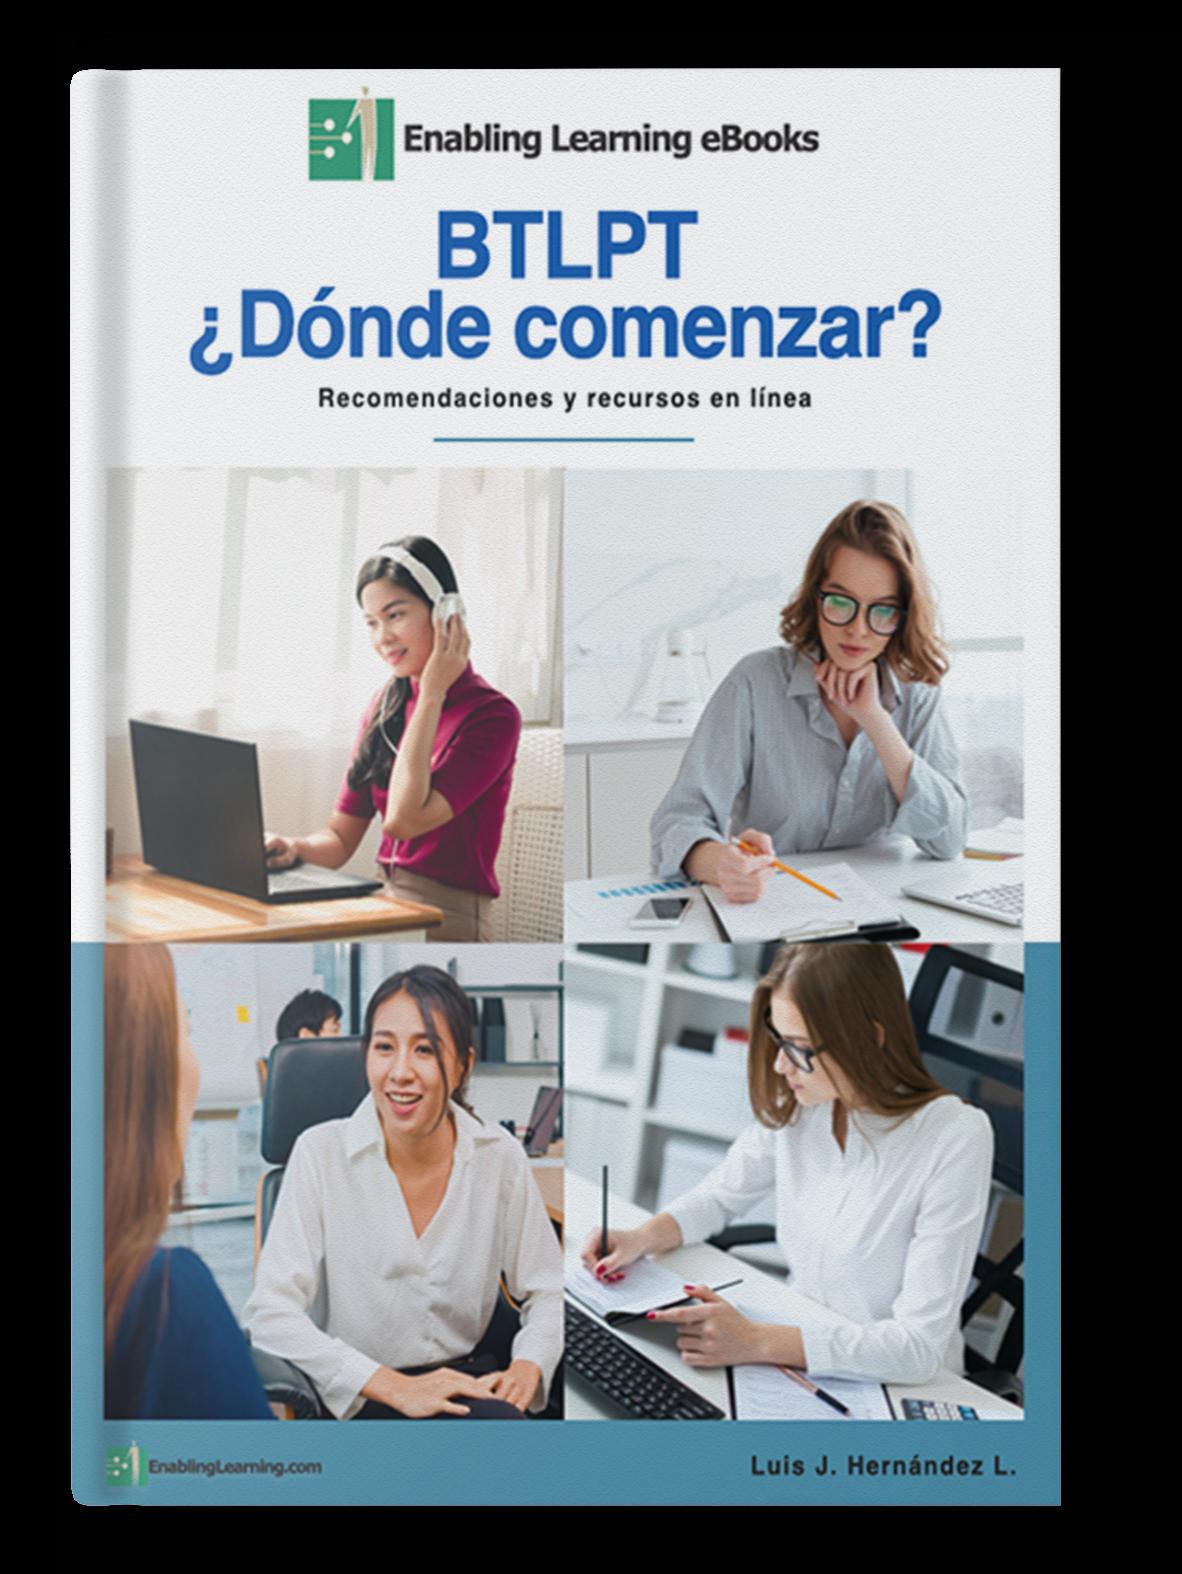 BTLPT_eBook_Cover-3